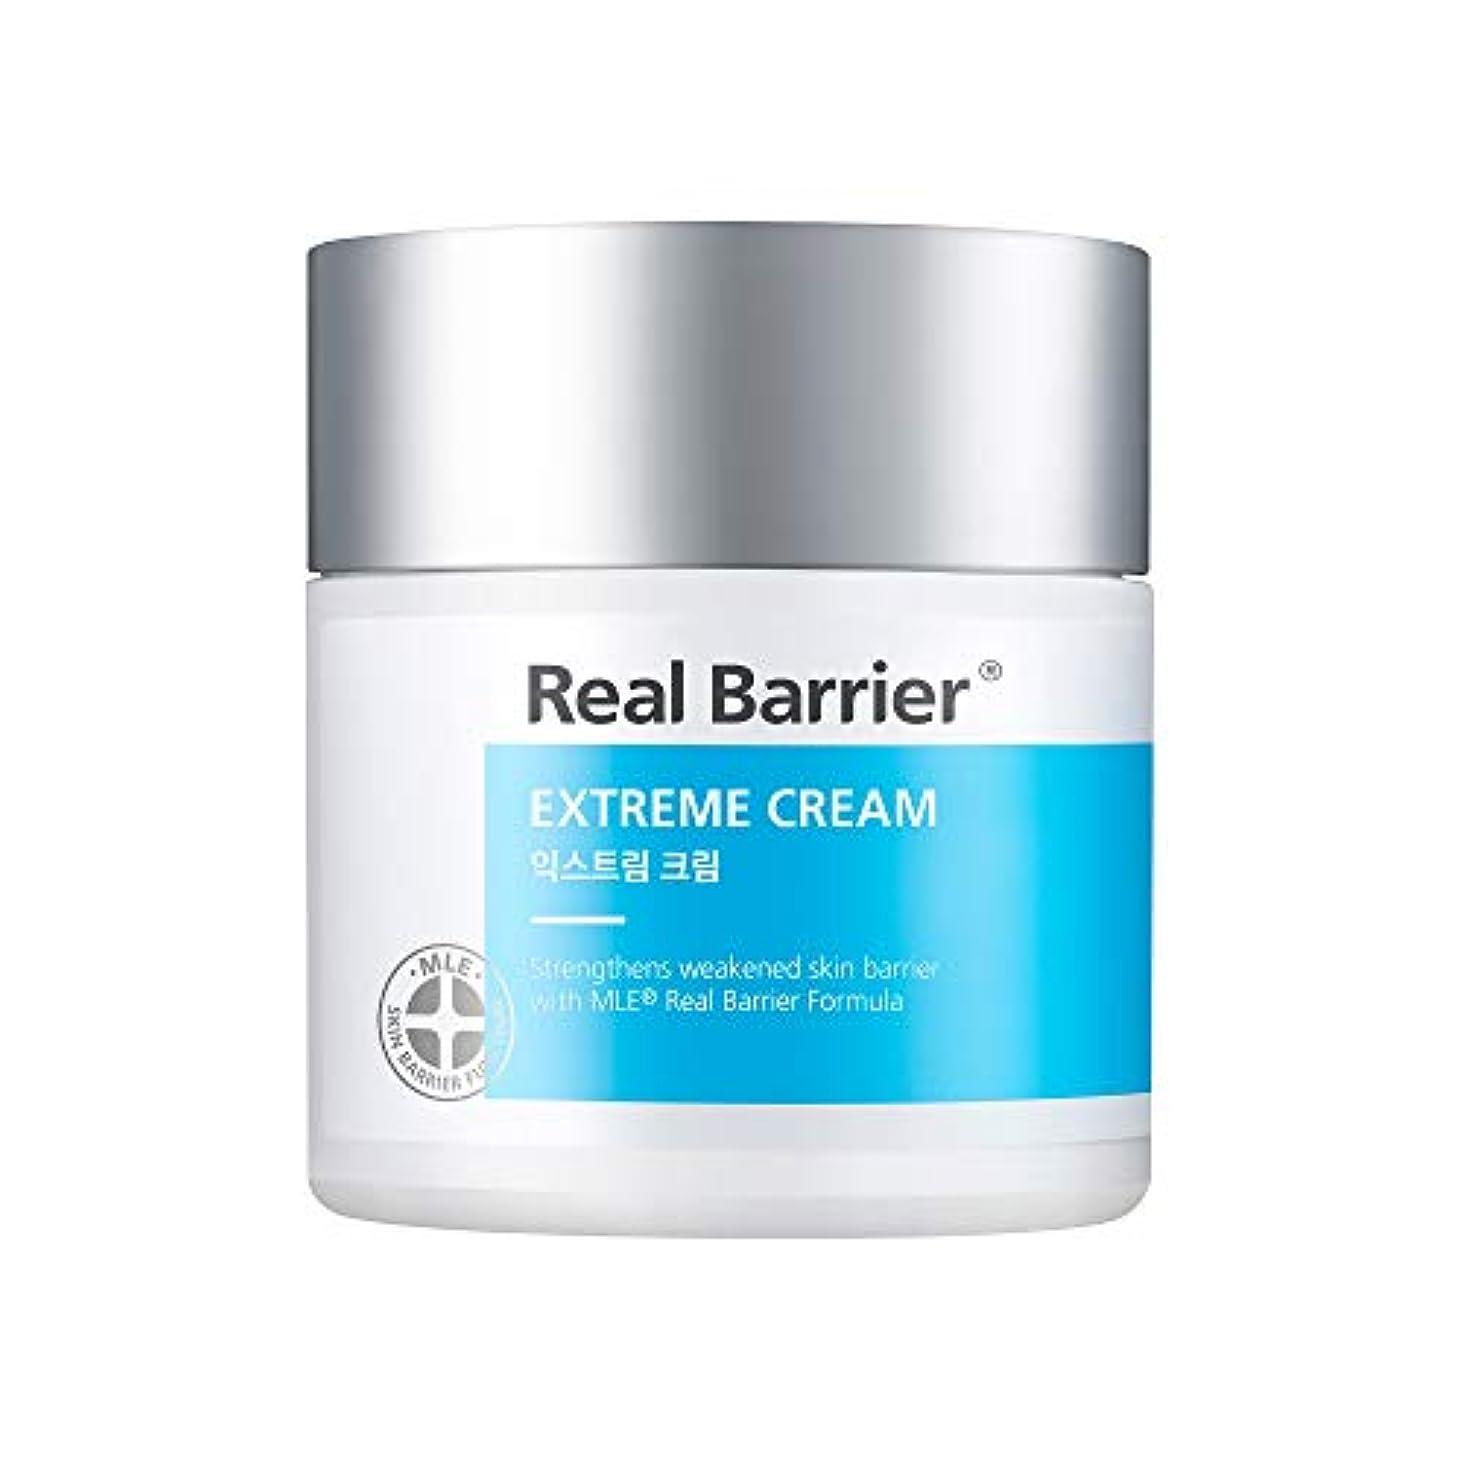 弱まる側溝農民アトパーム(atopalm) リアルベリアエクストリームクリーム/Atopam Real Barrier Extreme Cream